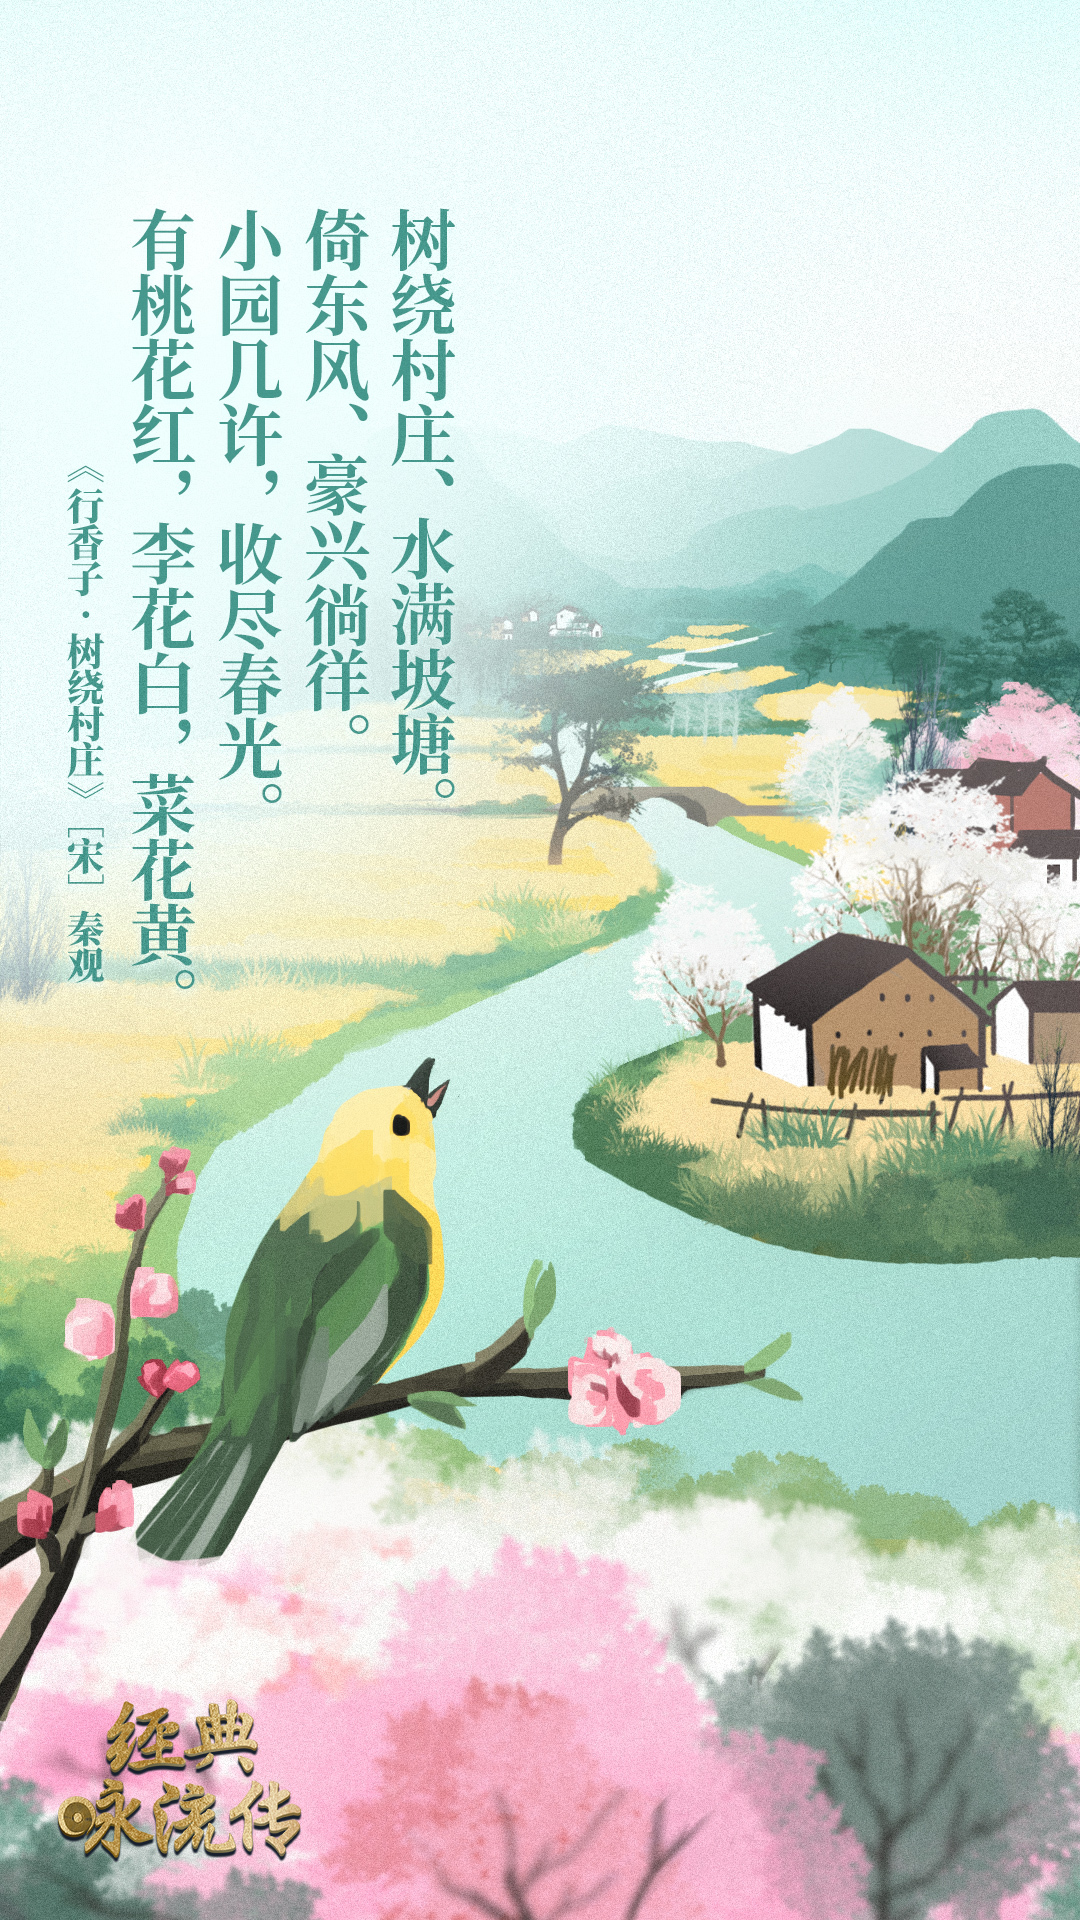 《经典咏流传》诗词意境海报合集 欣赏-第8张